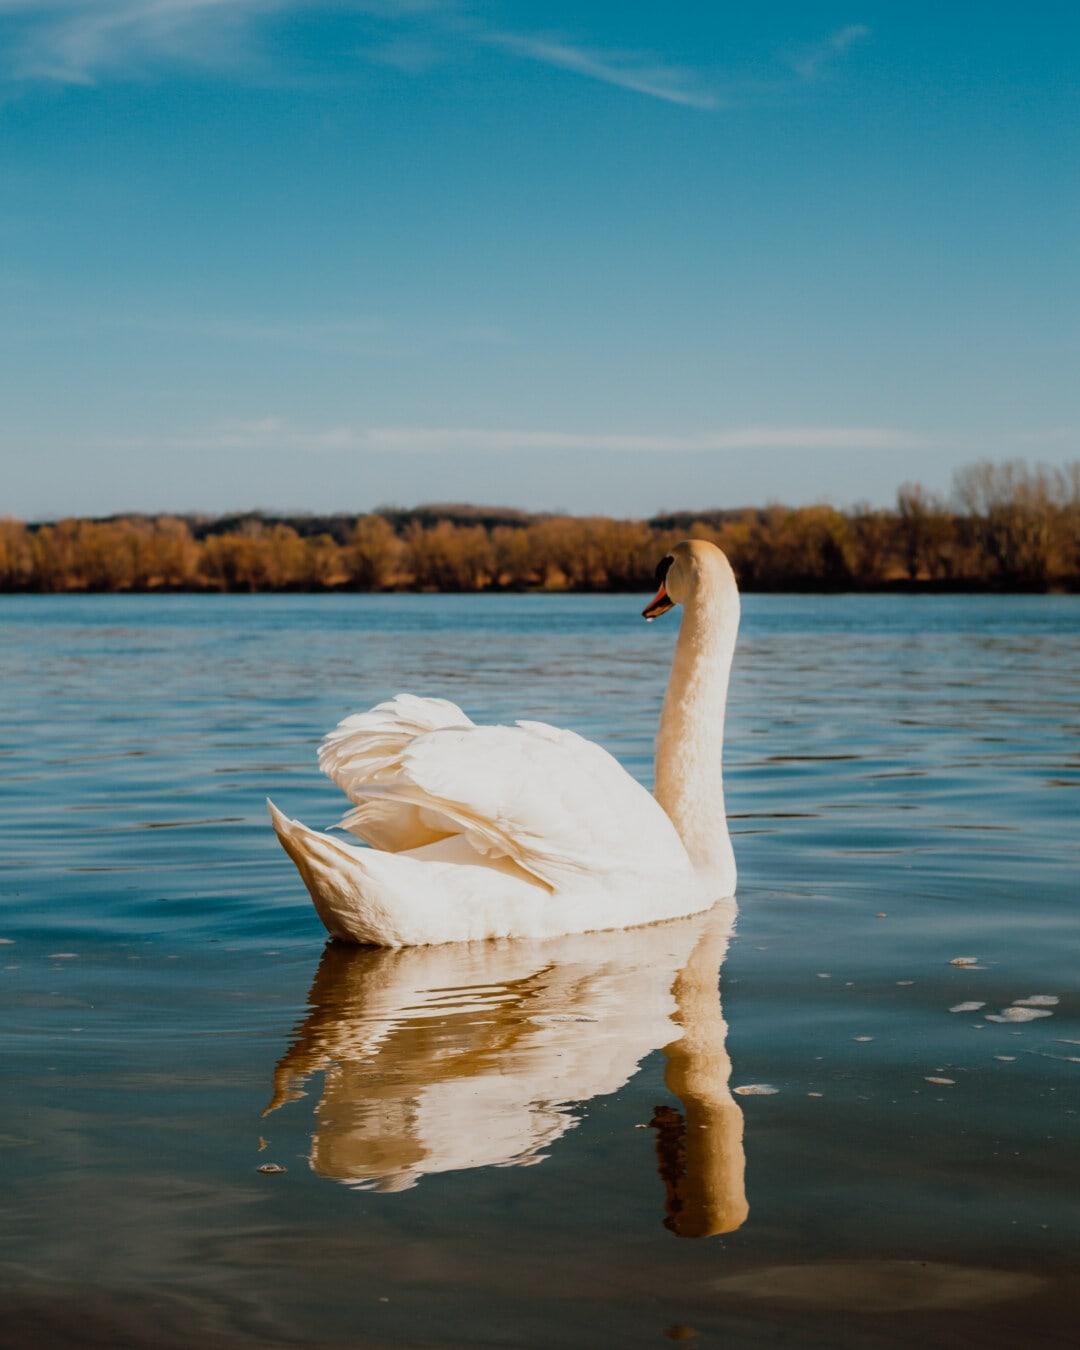 nuoto, Cigno, uccello, da vicino, Luce del sole, soleggiato, luminosa, acqua, Lago, natura